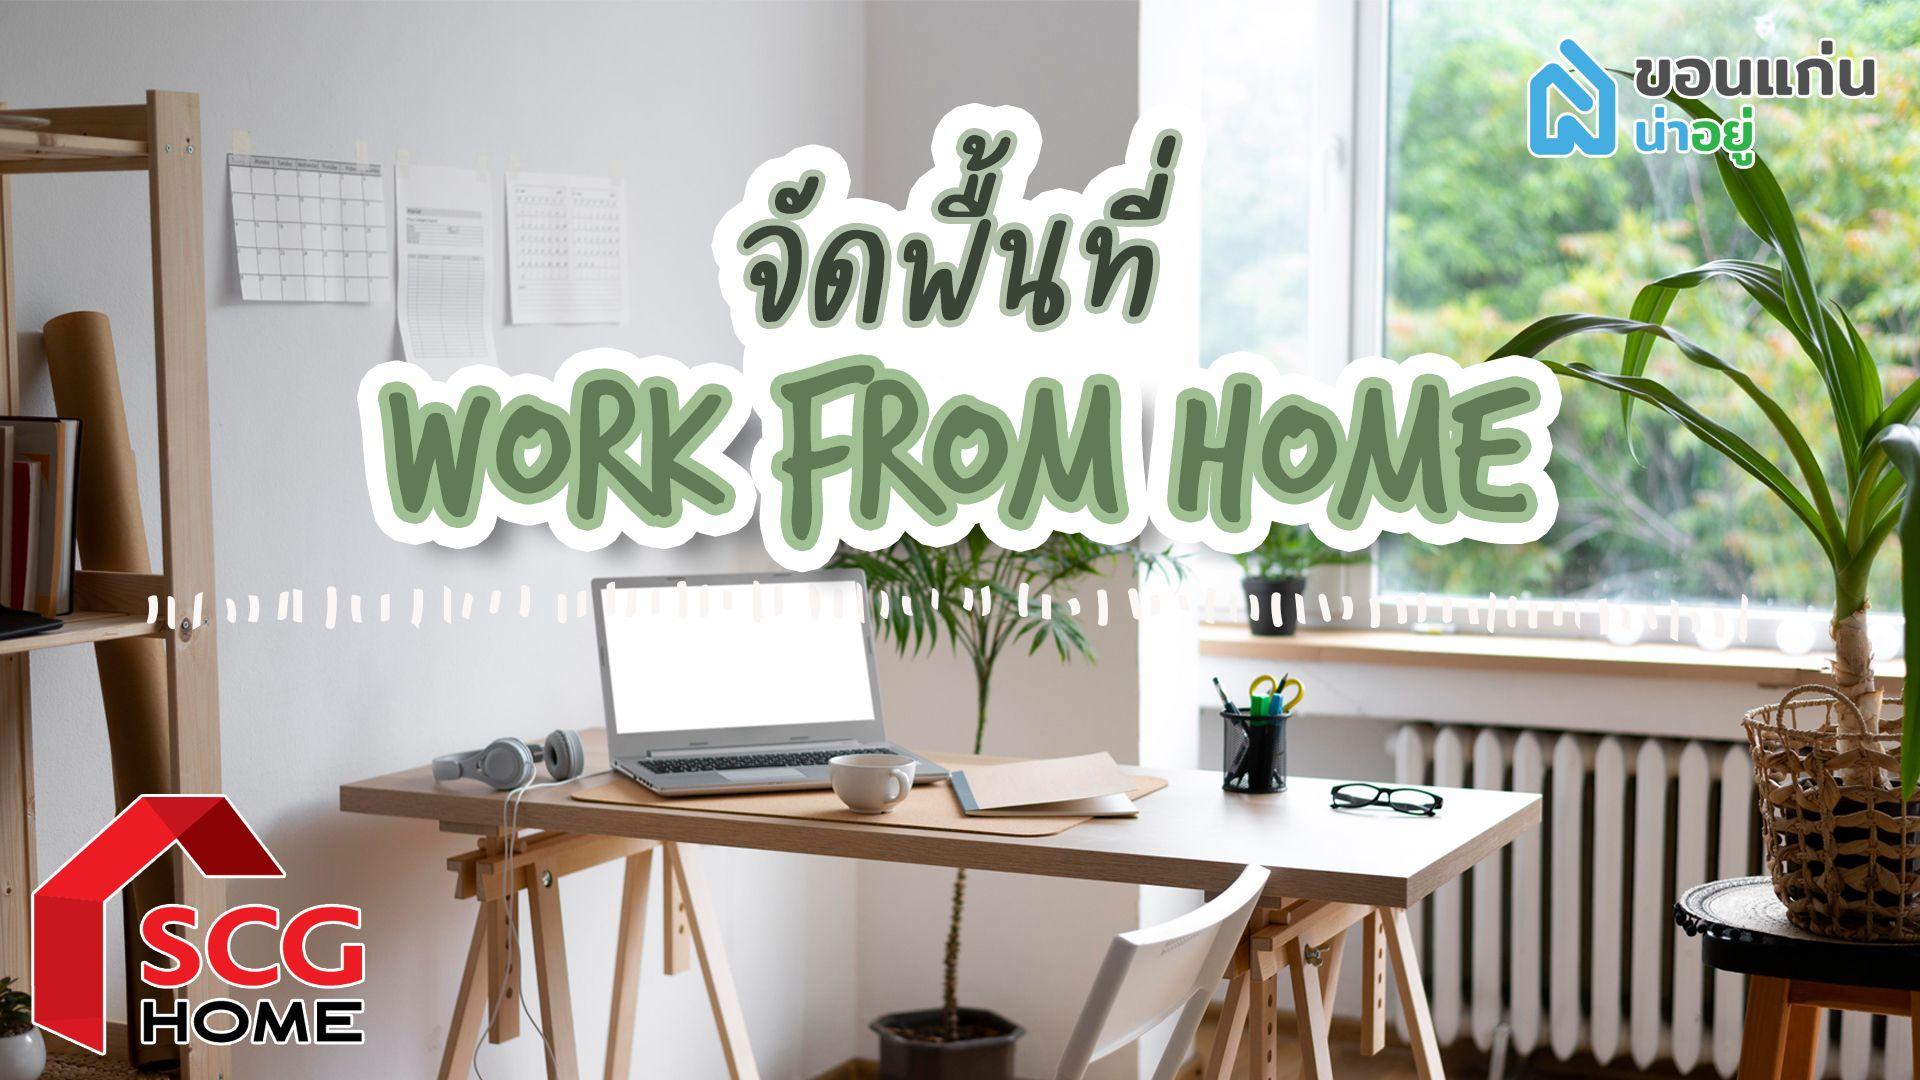 SCG Home : WORK FROM HOME ตกแต่งพื้นที่ยังไงให้เวิร์ค